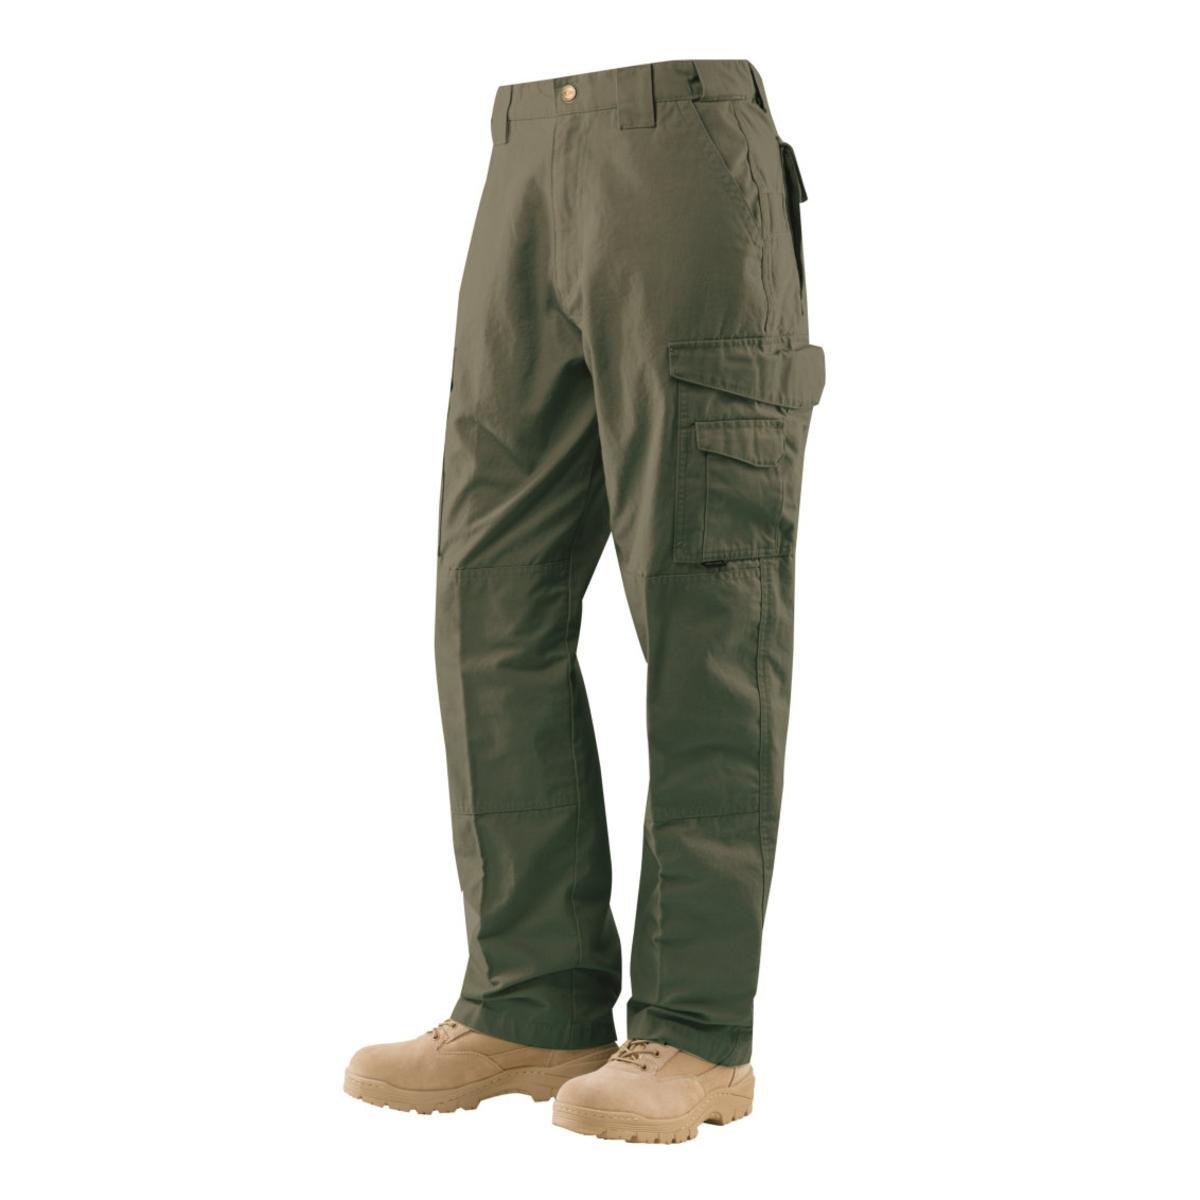 Tru-Spec Men's 24/7 Tactical Pants, Ranger Green, 50 X Unhemmed